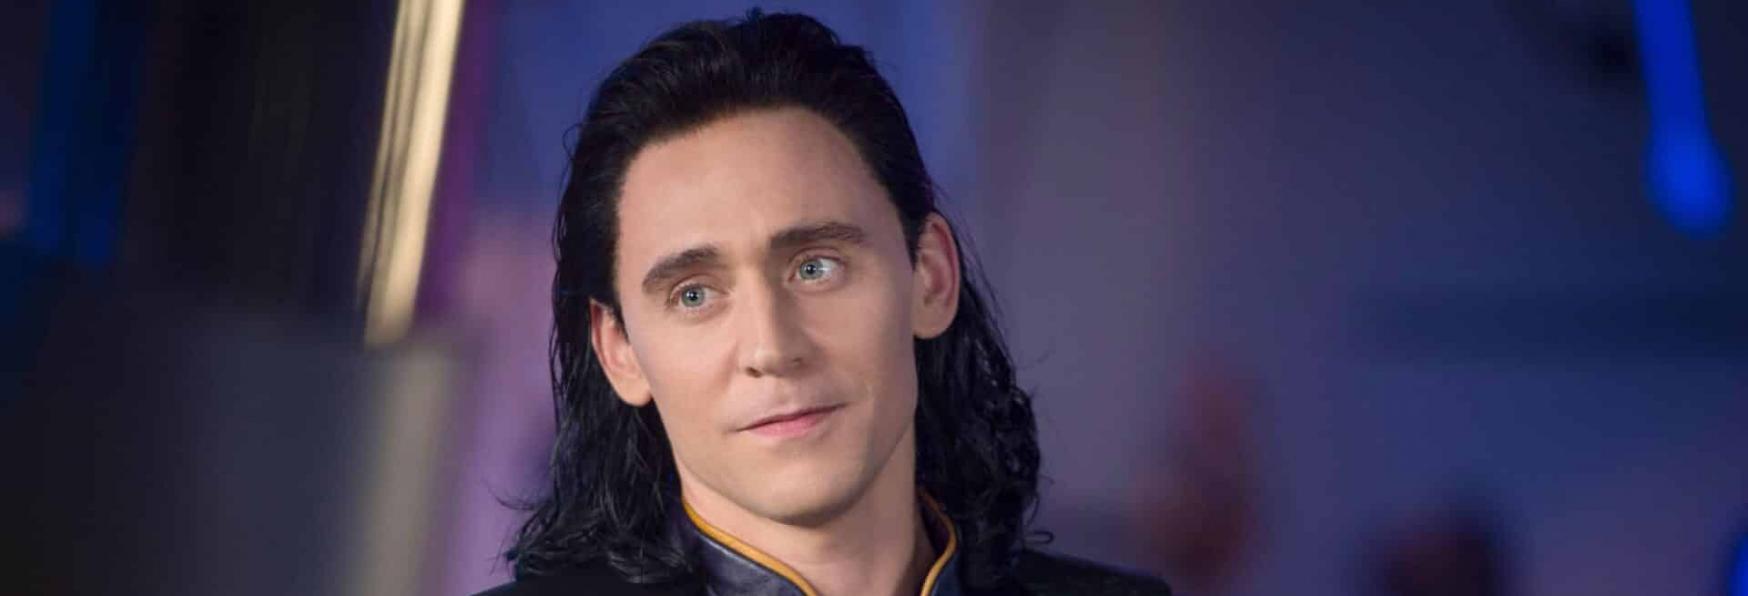 Loki 1x04: la Regista della Serie TV Kate Herron parla degli Easter Egg dell'Episodio